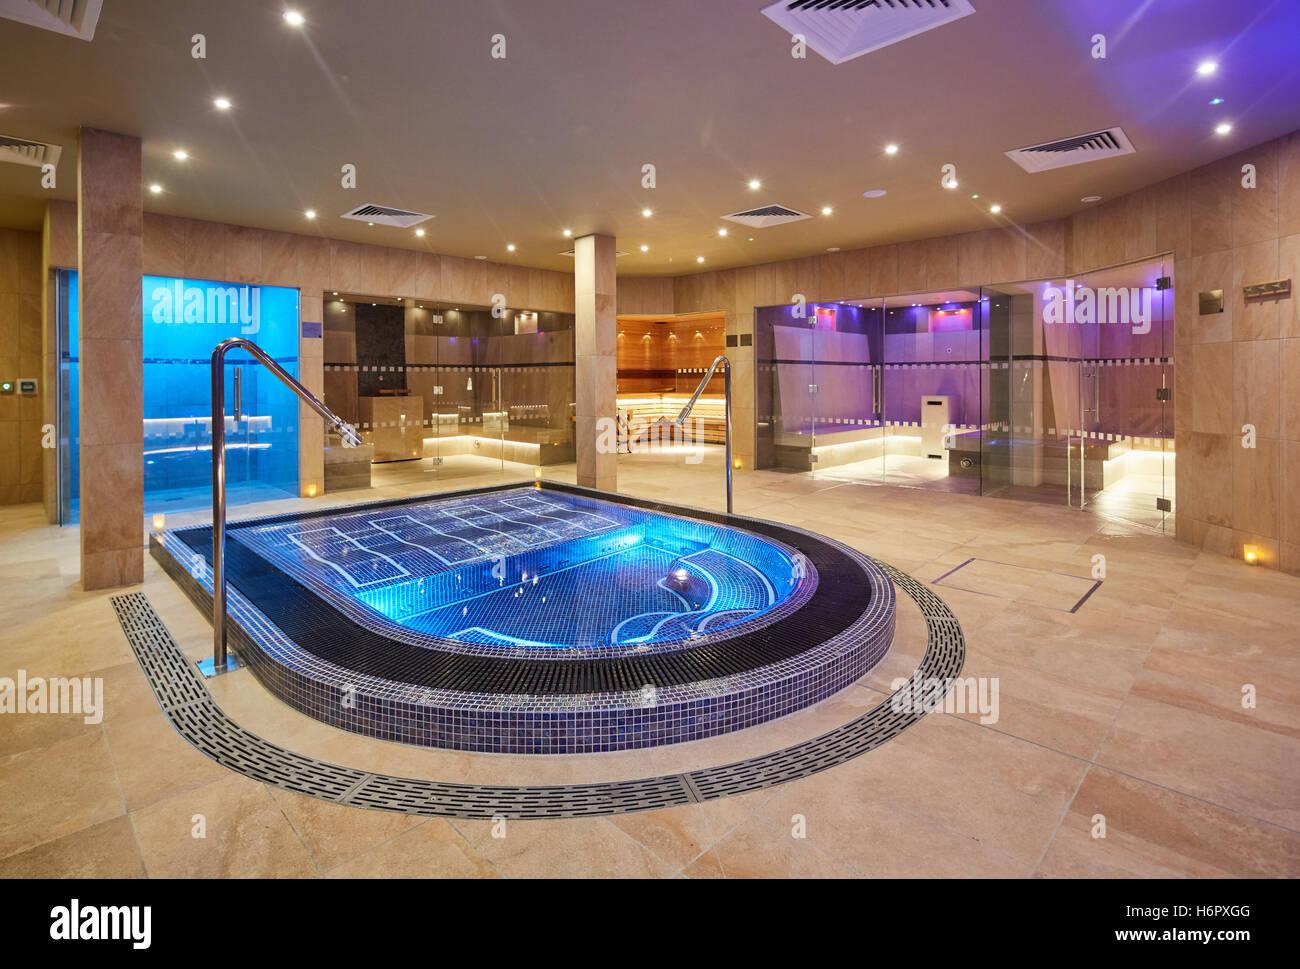 Spa Pool Moderne Schicke Sauber Innen Spa Nelson Innensauna Raum Whirlpool  Privaten Rates Qualität Deluxe Luxus Noblen Gut Hallo